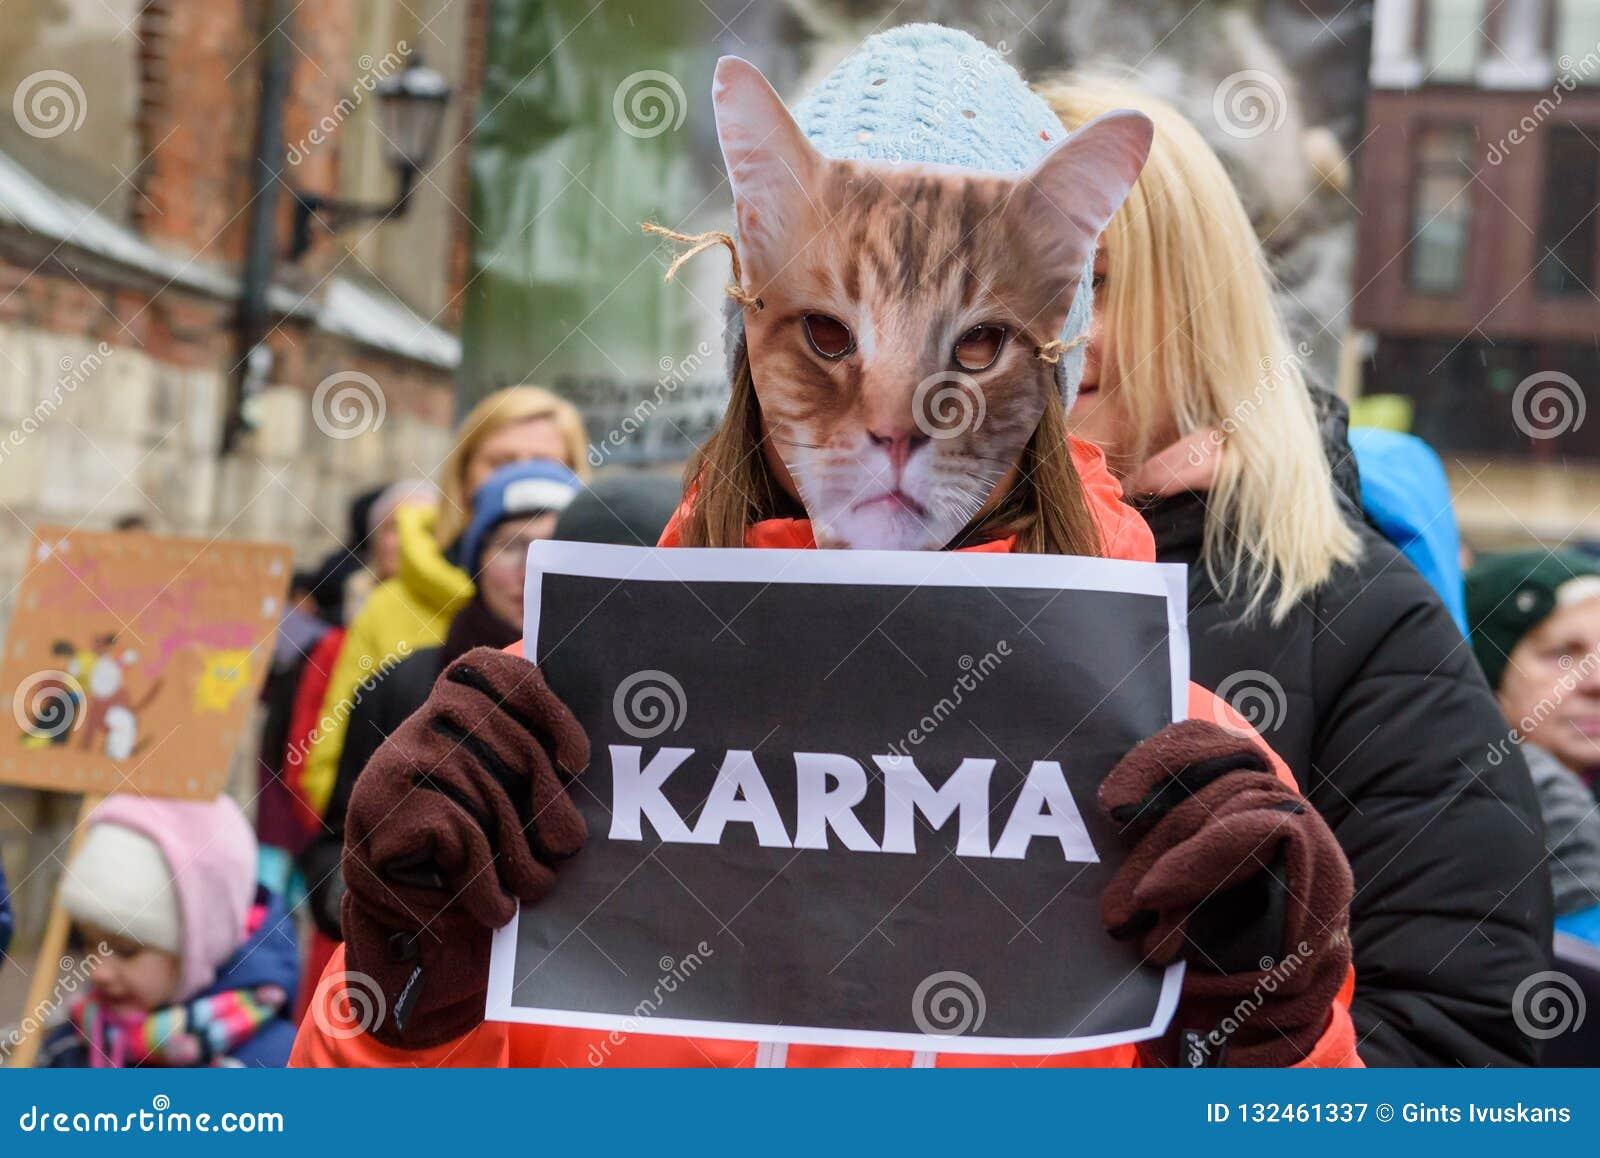 De jonge vrouw met kattenmasker op gezicht, heeft een teken KARMA in haar handen, in 'Maart voor dieren in Riga, Letland